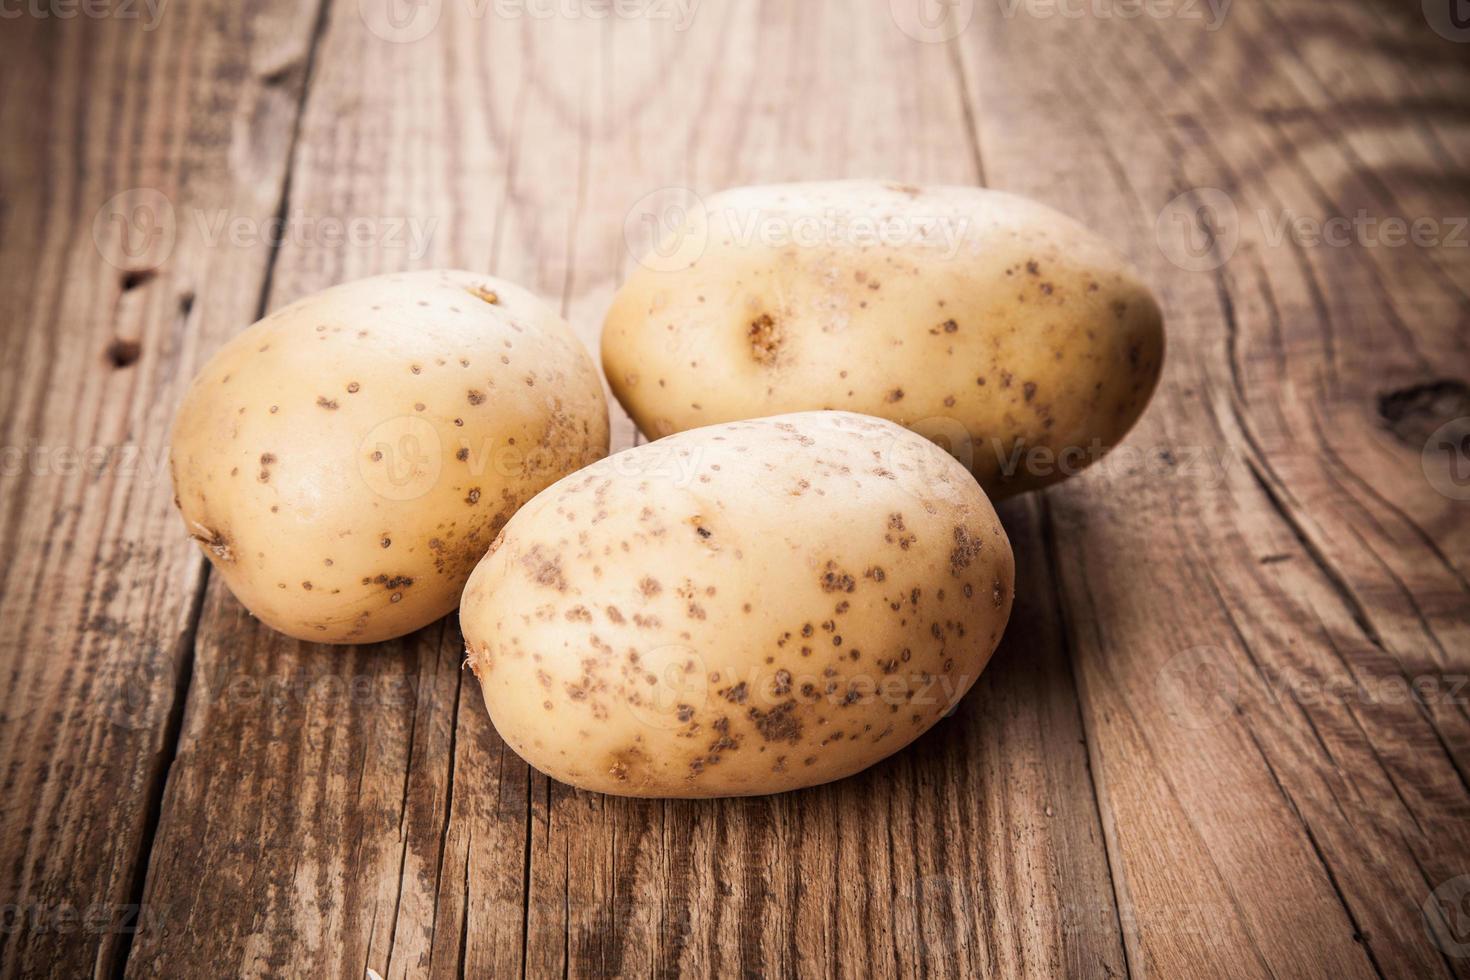 patata fresca foto